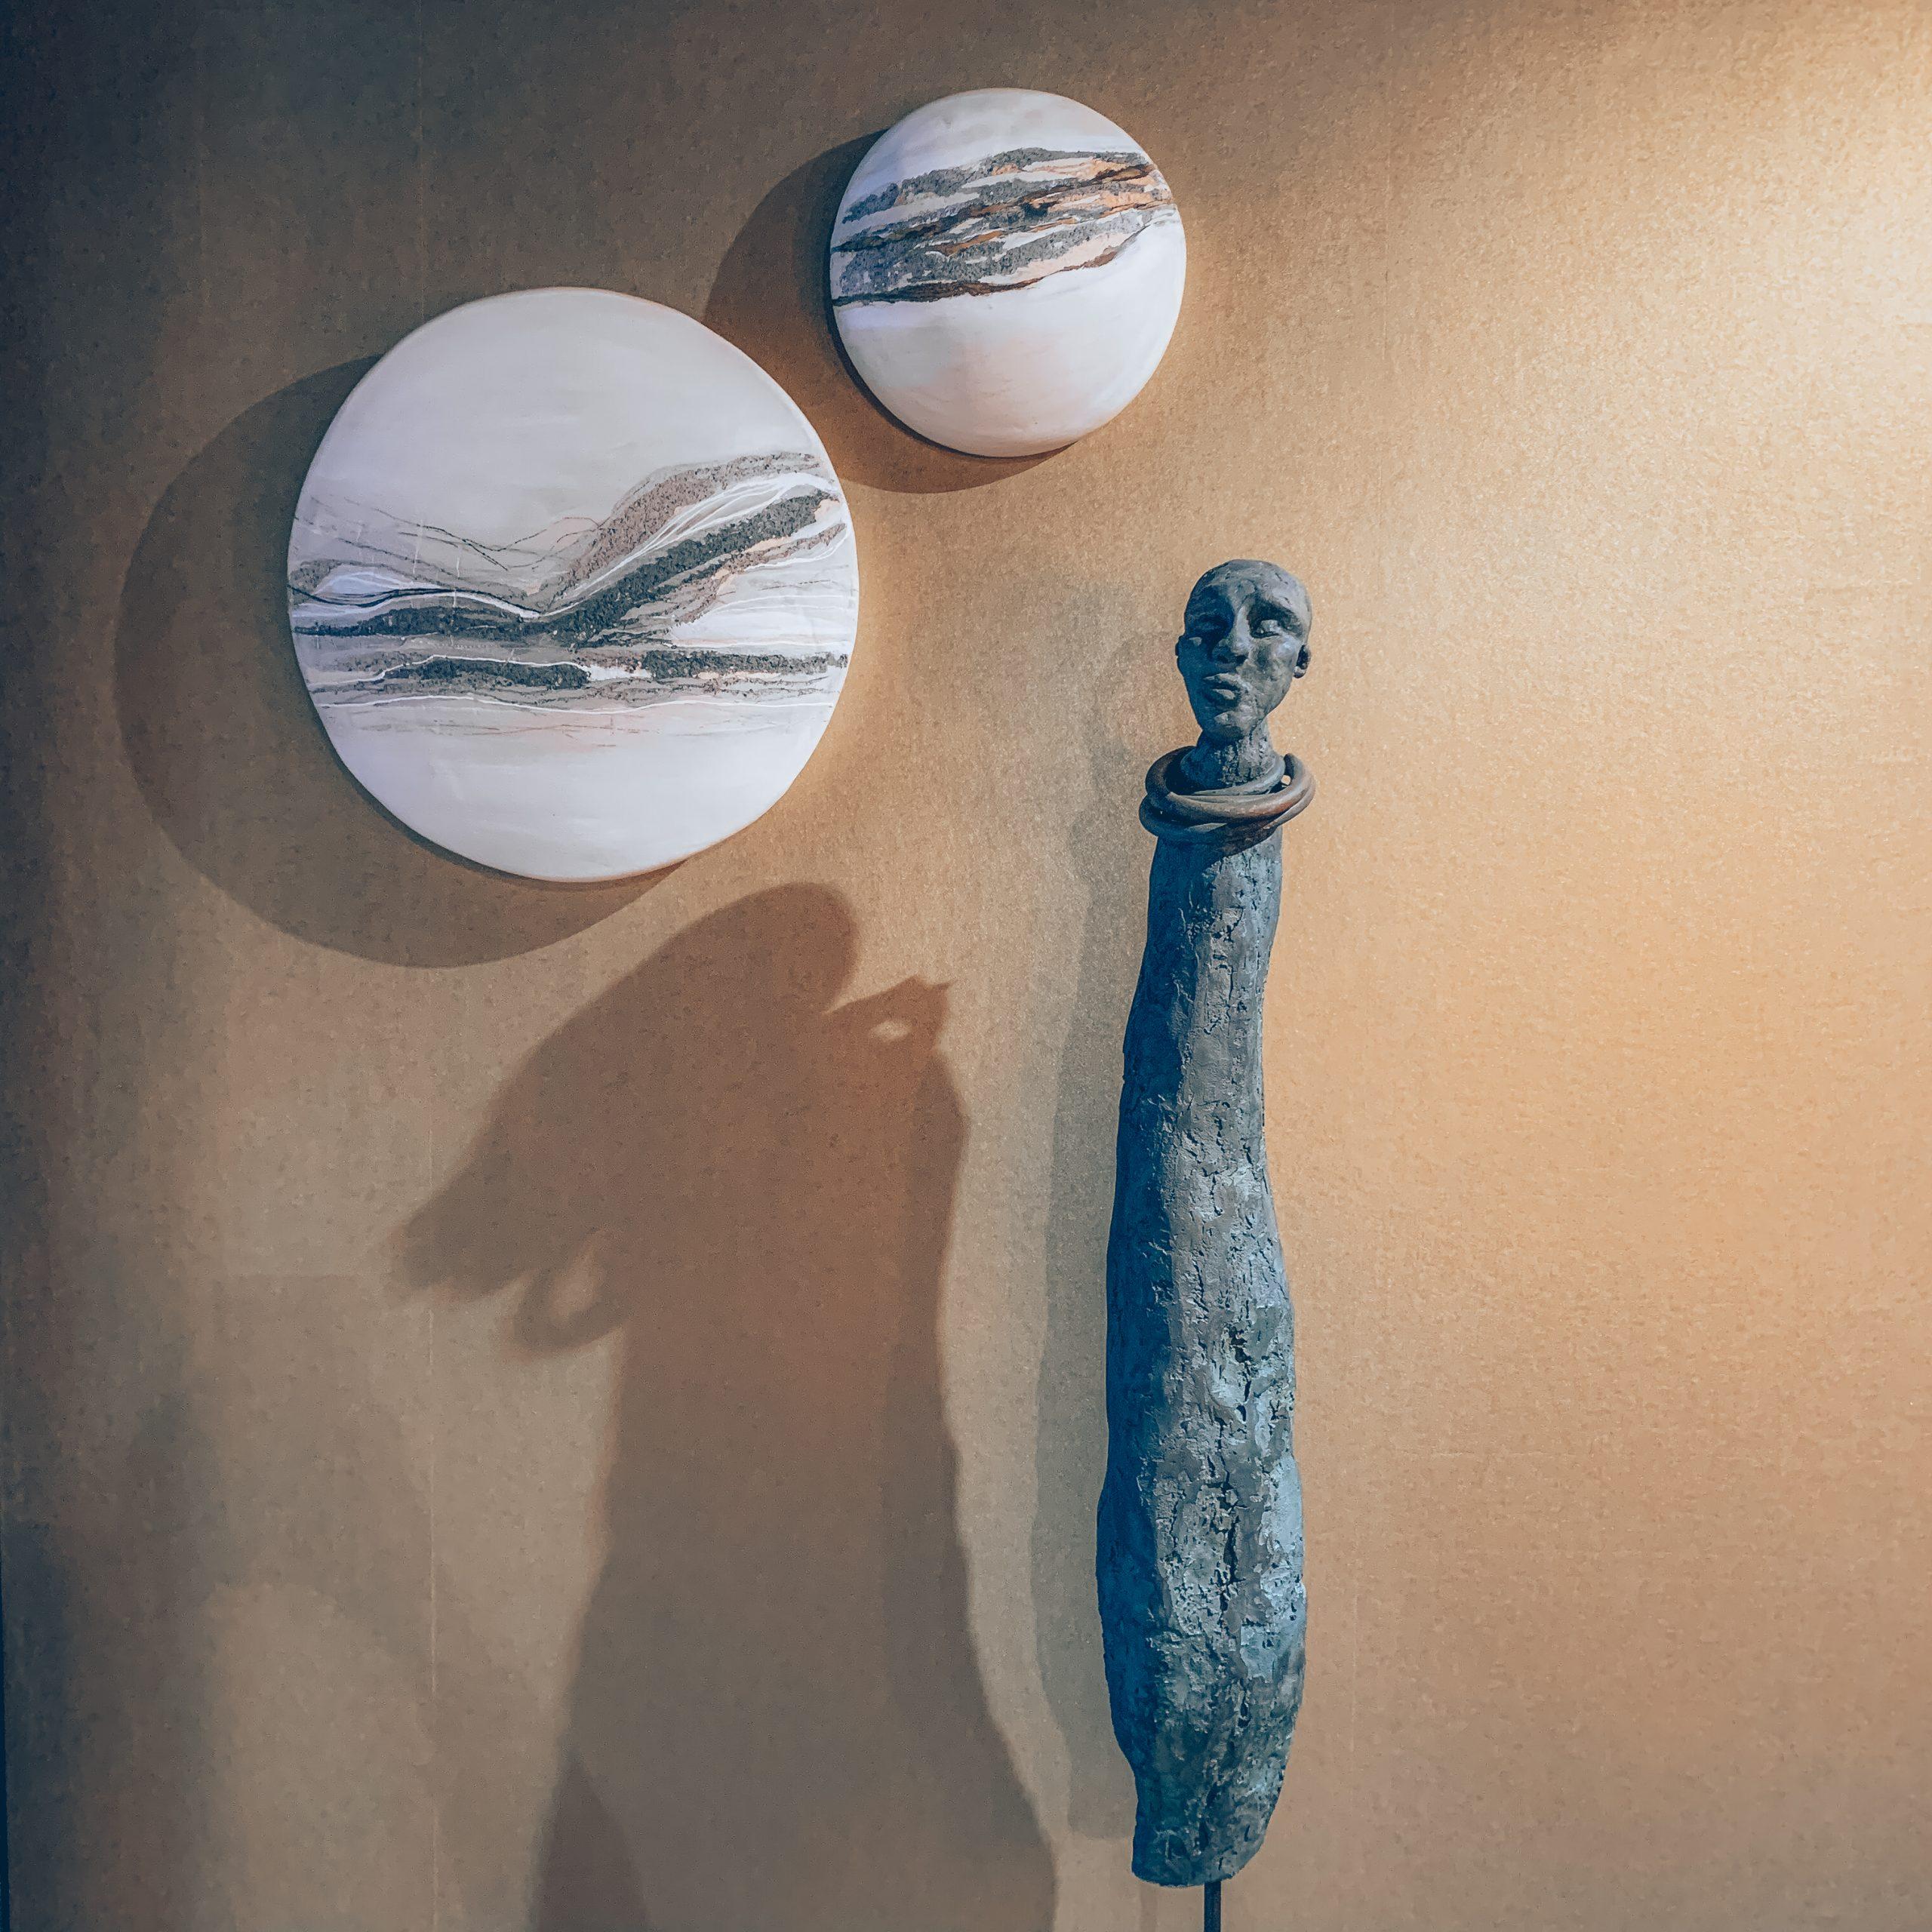 statue africaine, décoration intérieure, décoration murale ronde, décoration murale blanche, magasin de décoration belgique, designers belges, créations uniques, jn interiors, jour et nuit liège verviers